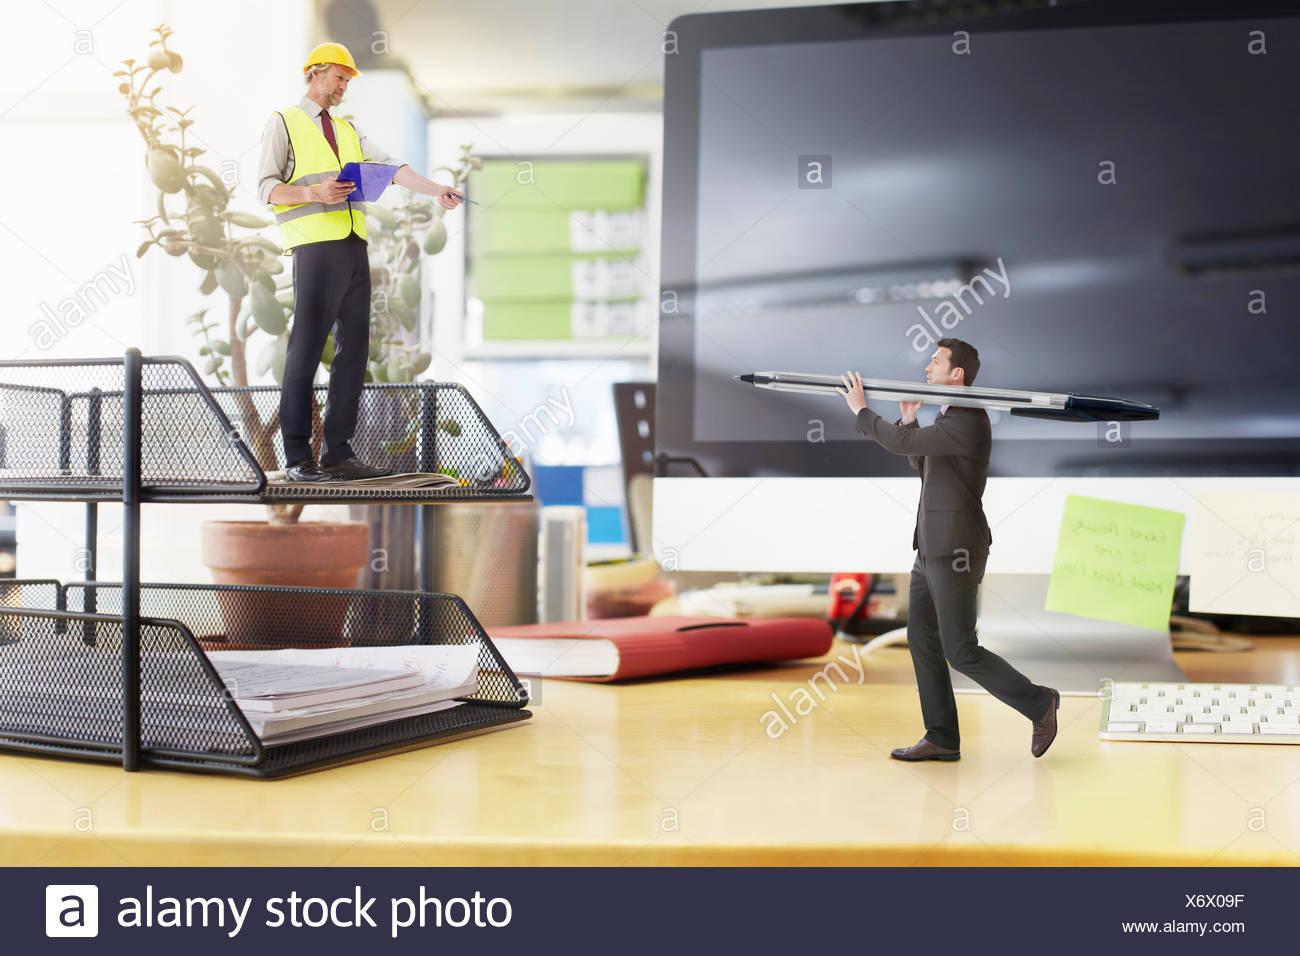 Capataz maduro empresario directivo llevar grandes pluma sobre el escritorio de gran tamaño Imagen De Stock